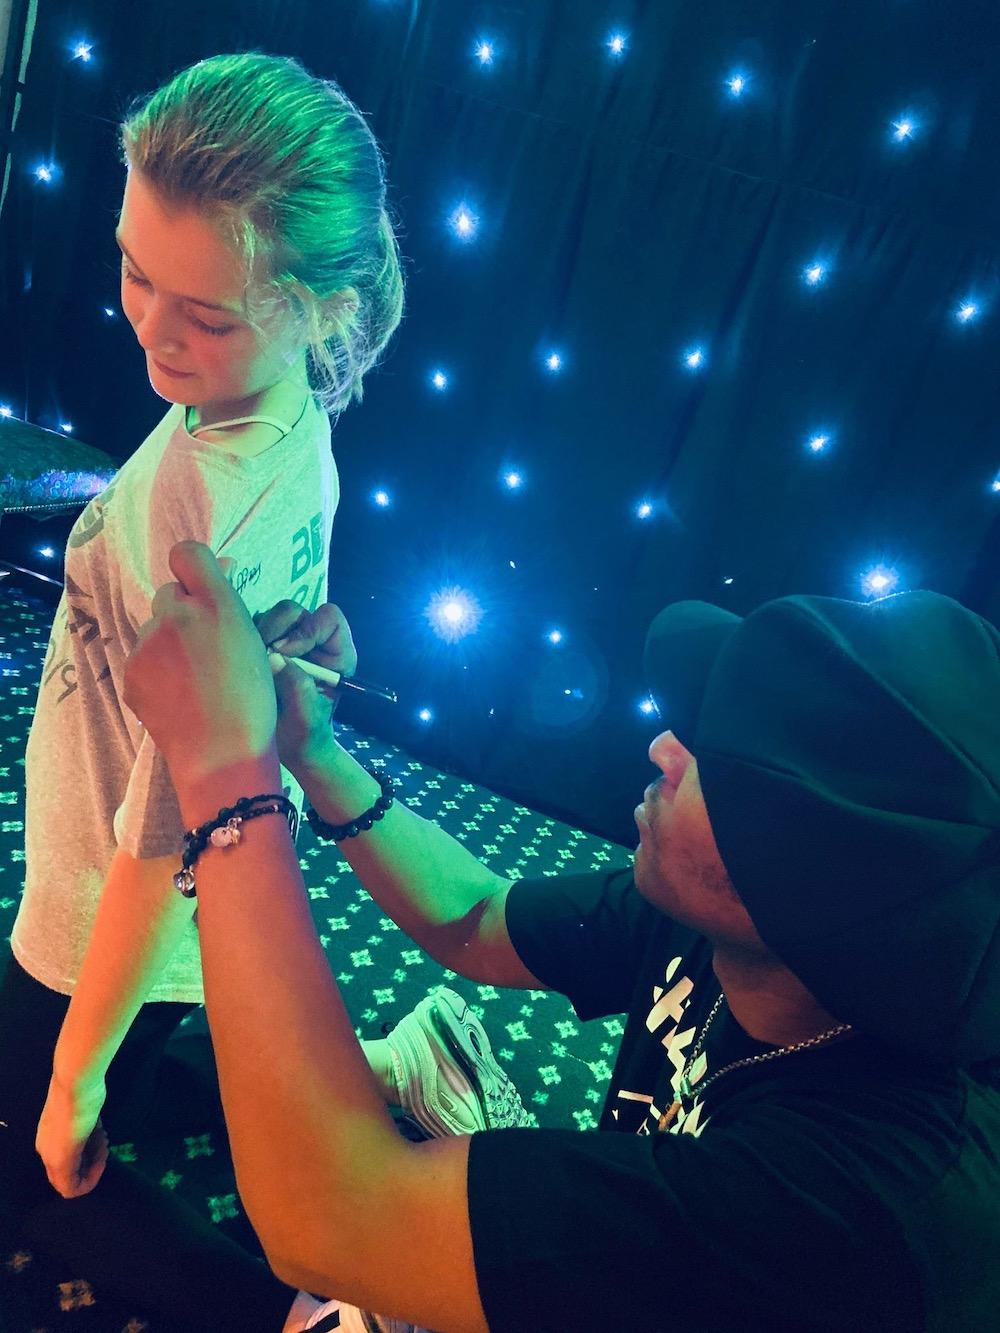 universal-dance-jeffrey-daniel-autograph